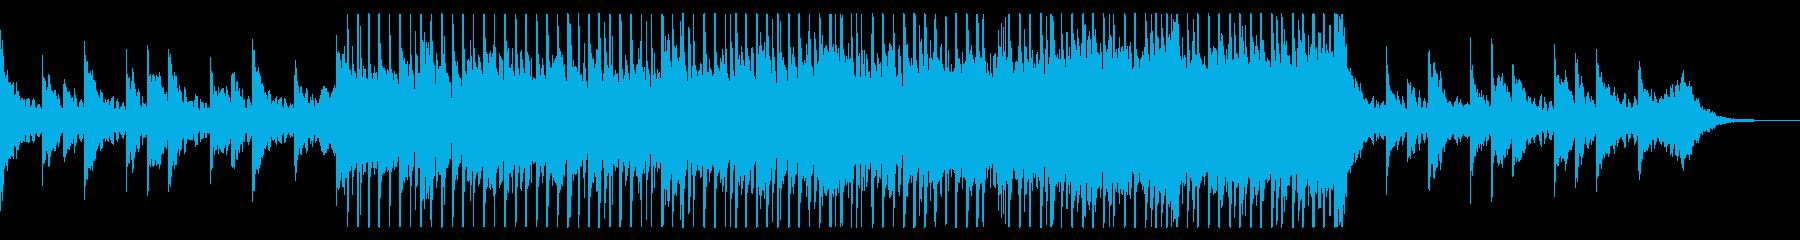 穏やかでかわいらしいエレクトロ・ポップの再生済みの波形